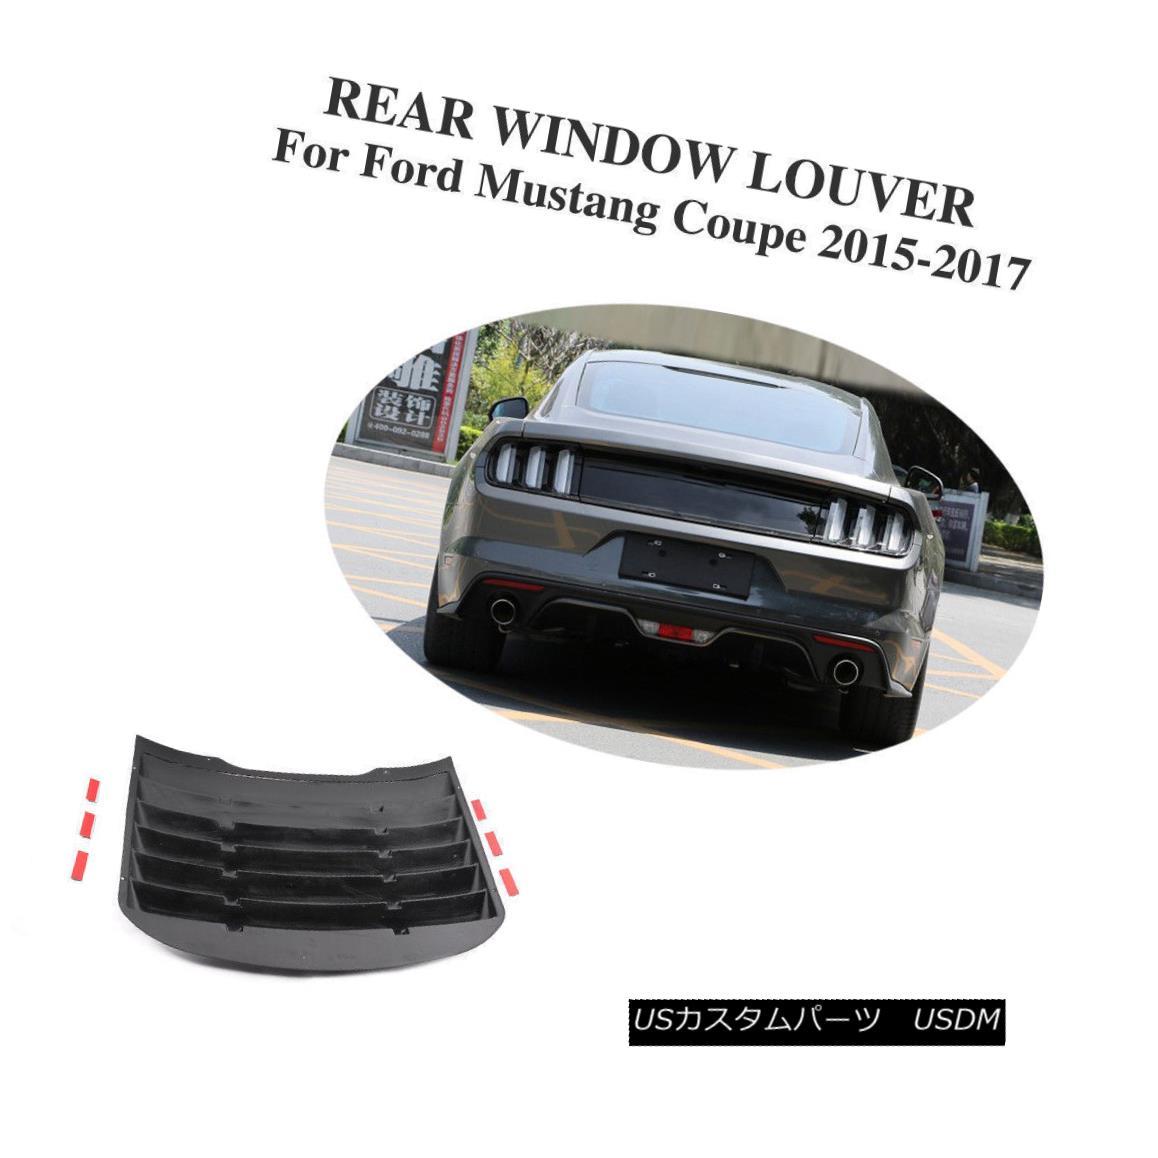 エアロパーツ Rear Window Roof Sun Shade Visor Spoiler Cover Fit for Ford Mustang 2015-2017 フォード・マスタング2015-2017のリア・ウィンドウルーフ・サン・シェード・バイザー・スポイラー・カバー・フィット